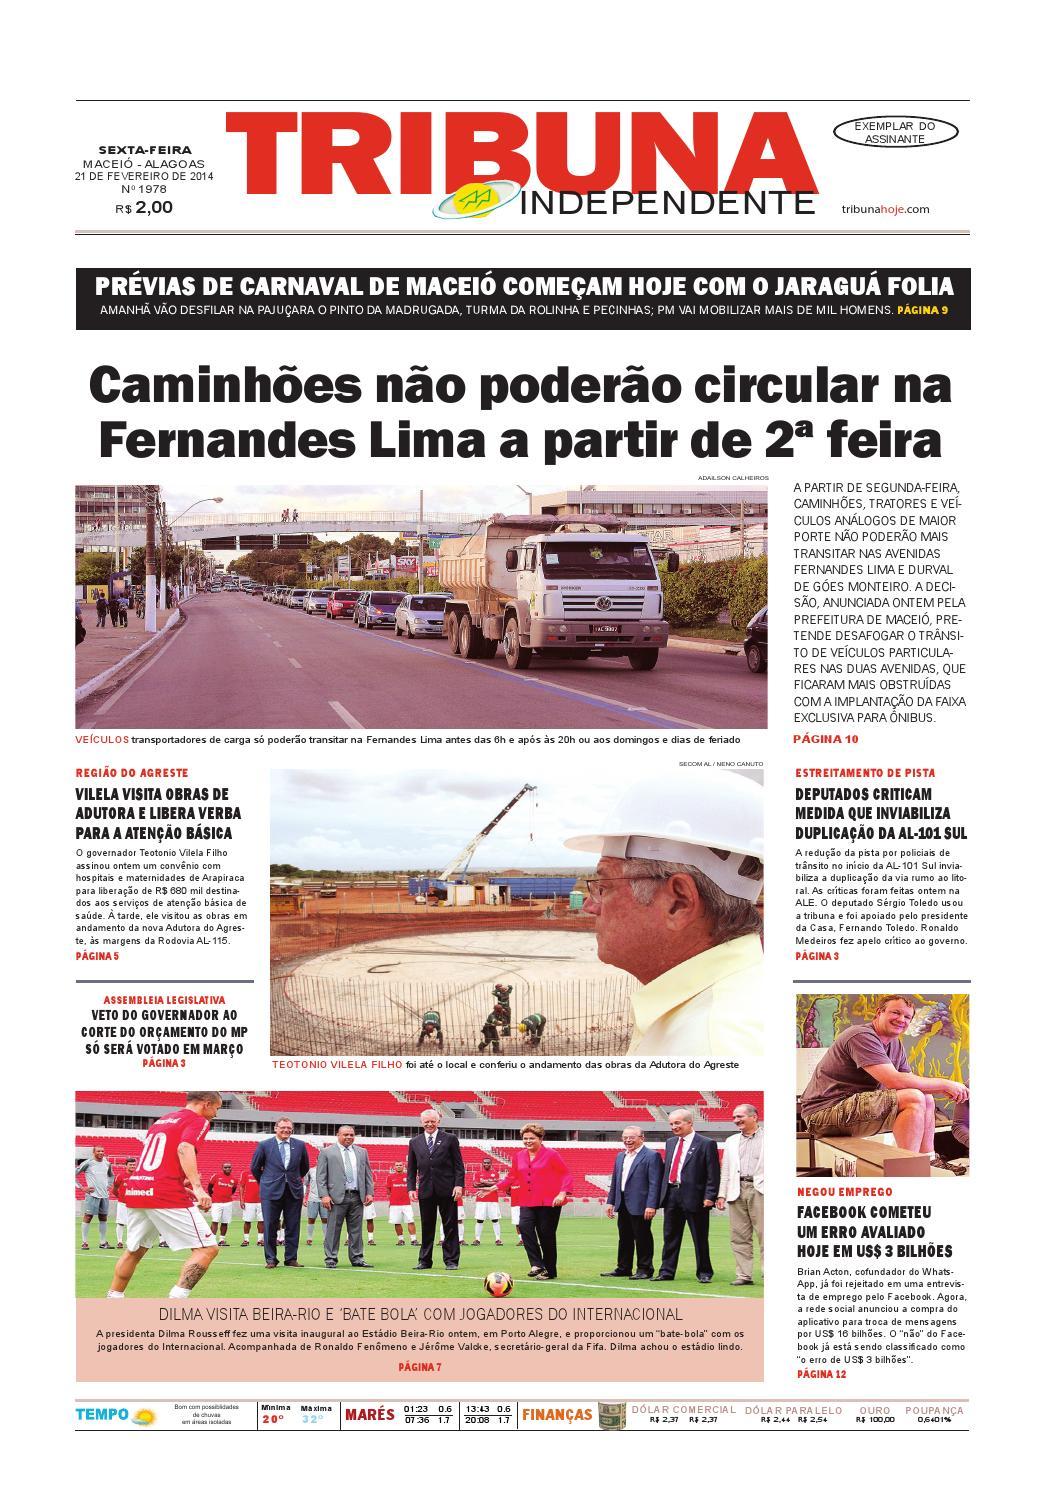 39e6bab17c Edição número 1978 - 21 de fevereiro de 2014 by Tribuna Hoje - issuu